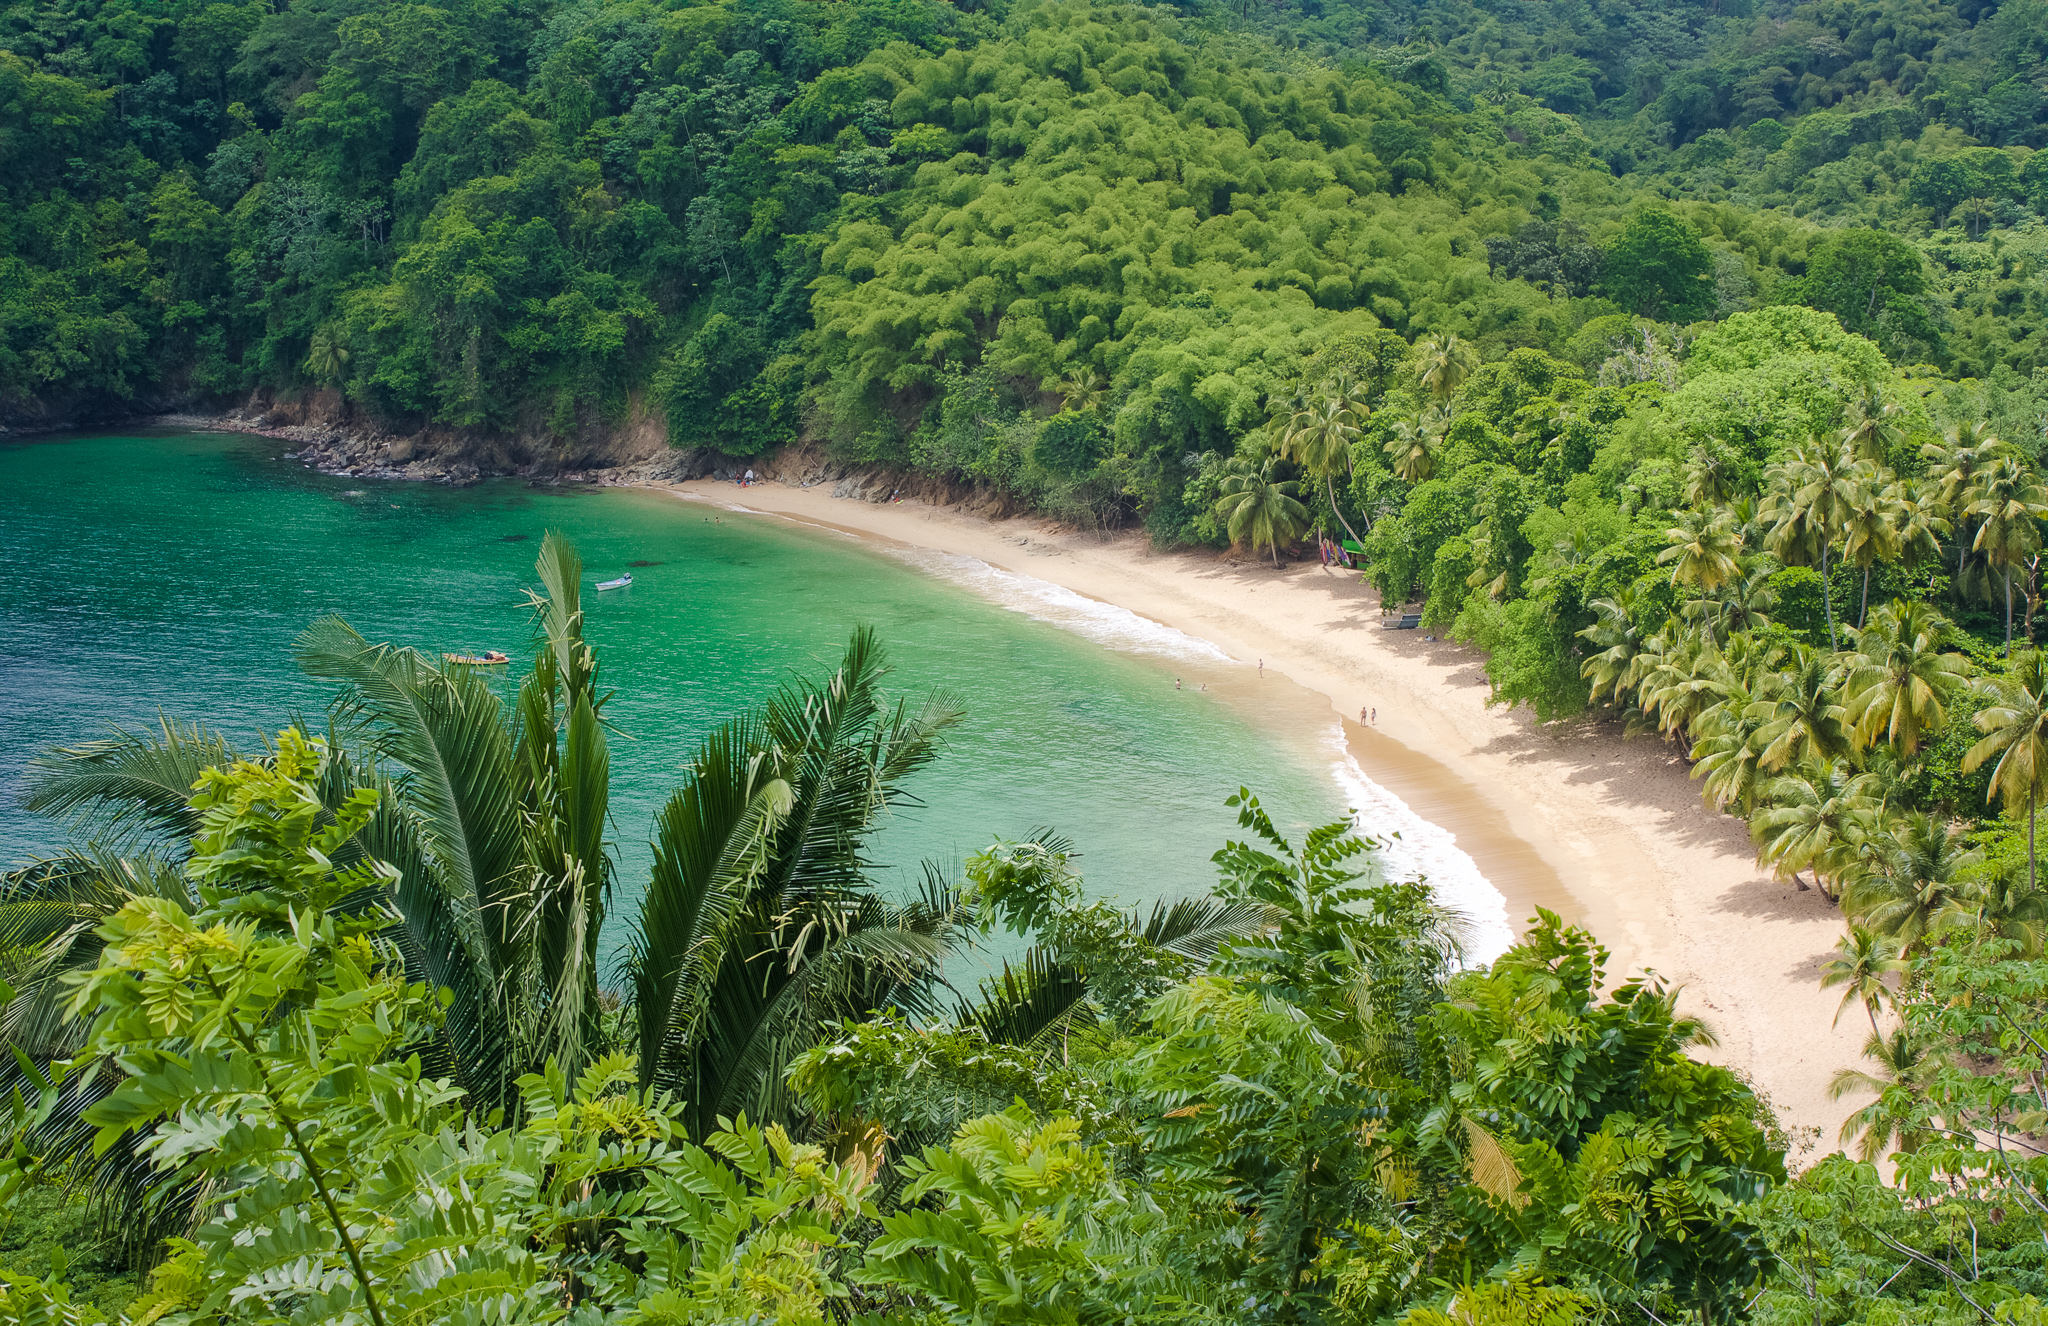 Englishman's Bay in Tobago